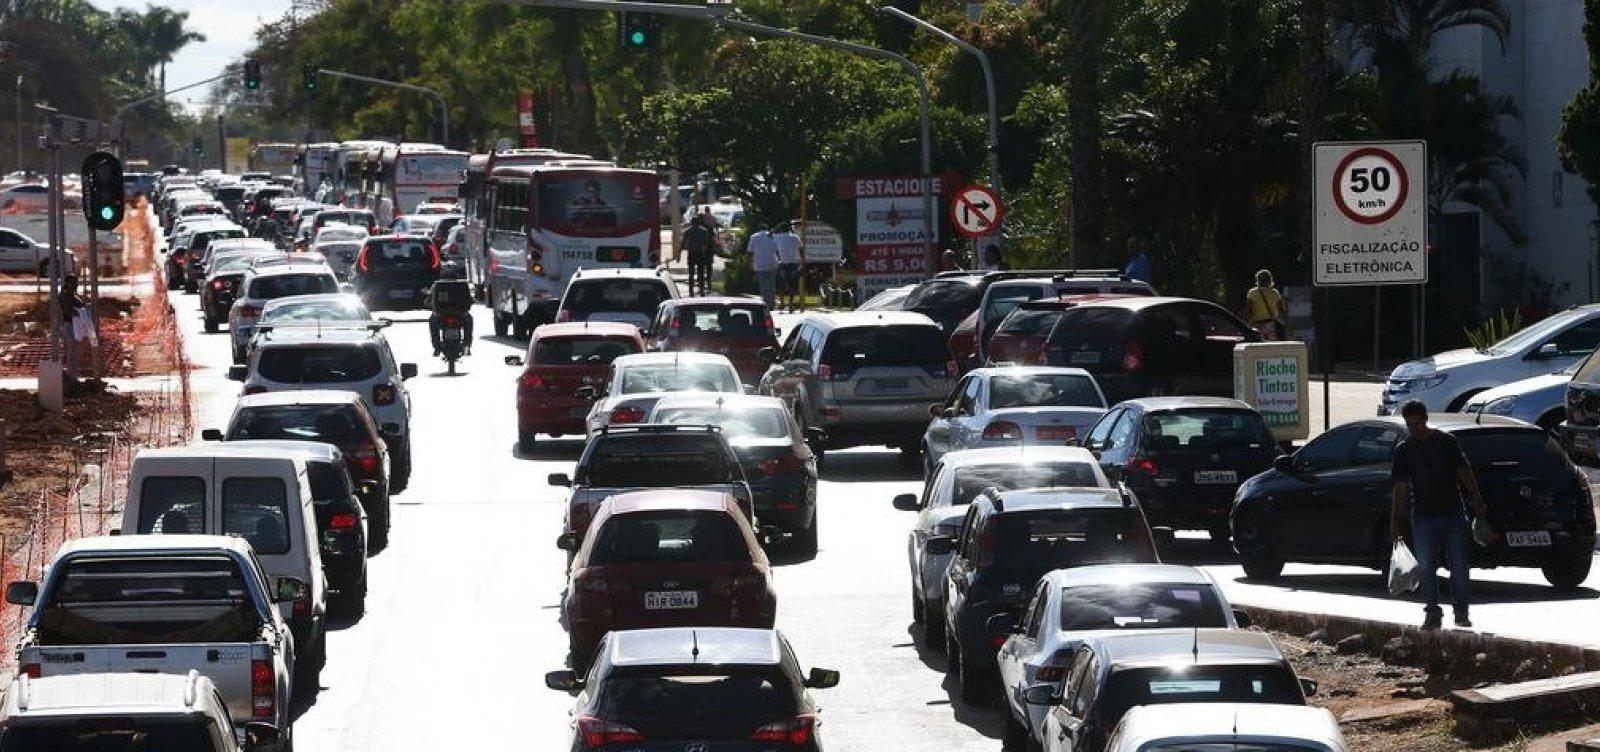 Mais de 208 mil veículos foram notificados este ano na Bahia por atraso em pagamento do IPVA